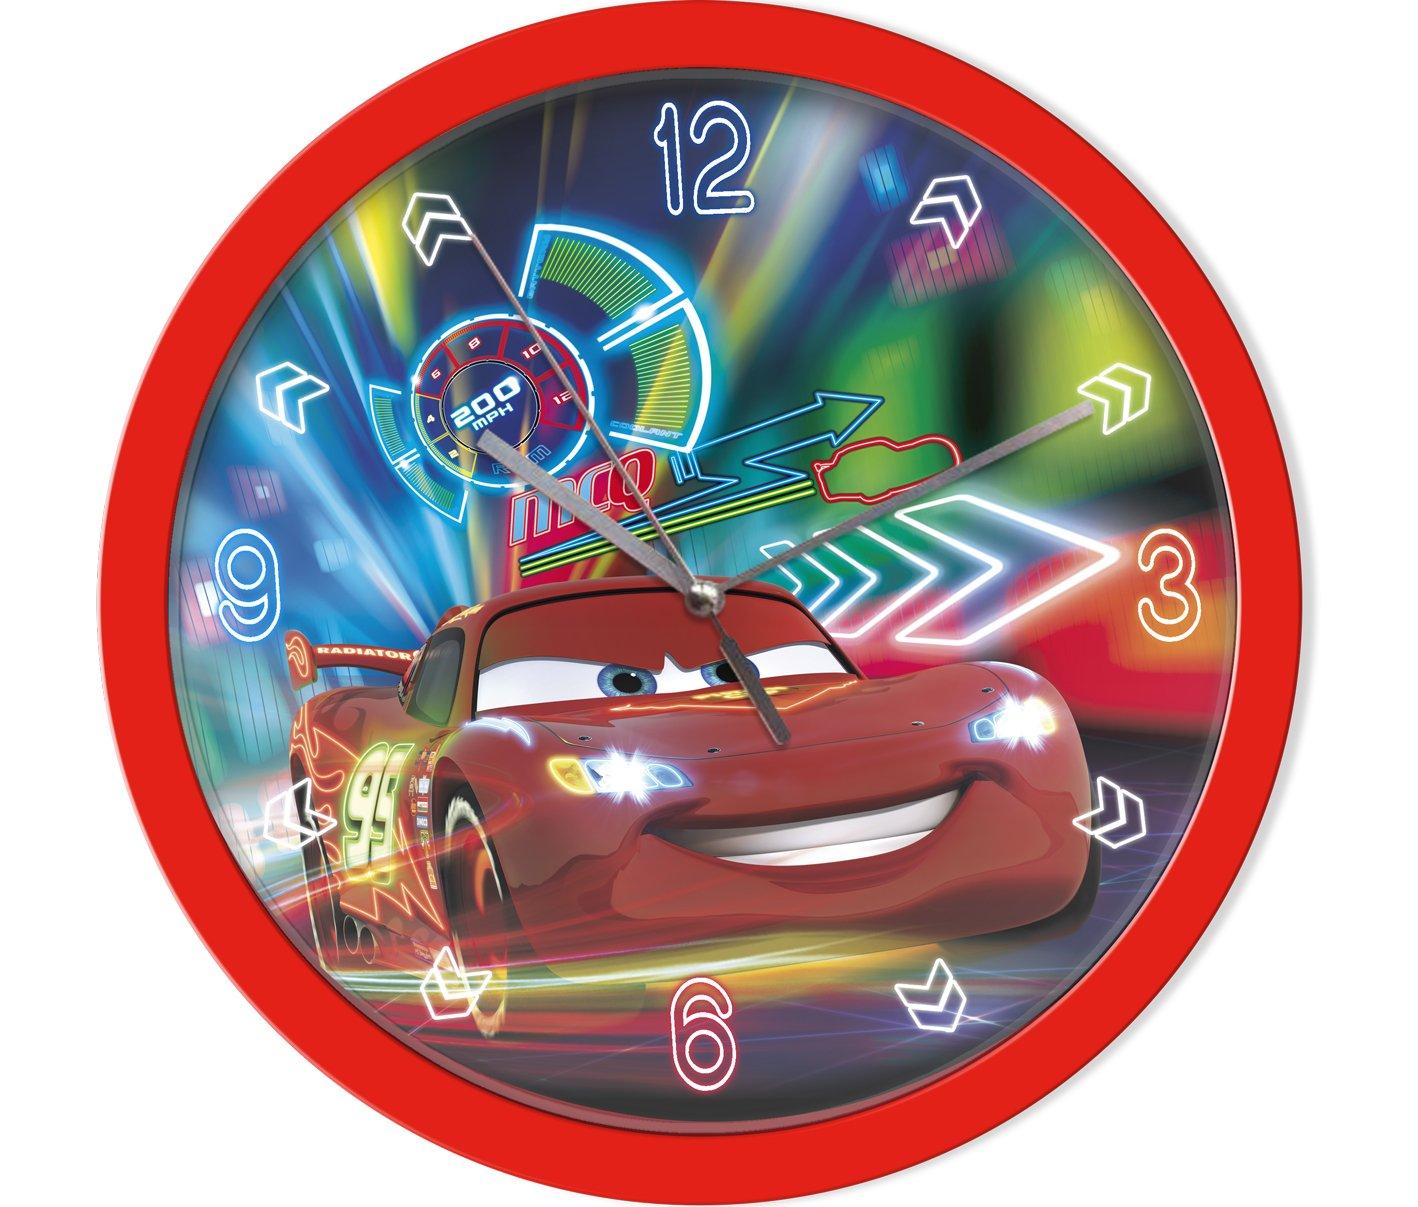 Disney Cars Wanduhr Kinderuhr (301637), Durchmesser 25 cm, rot/ blau günstig bestellen